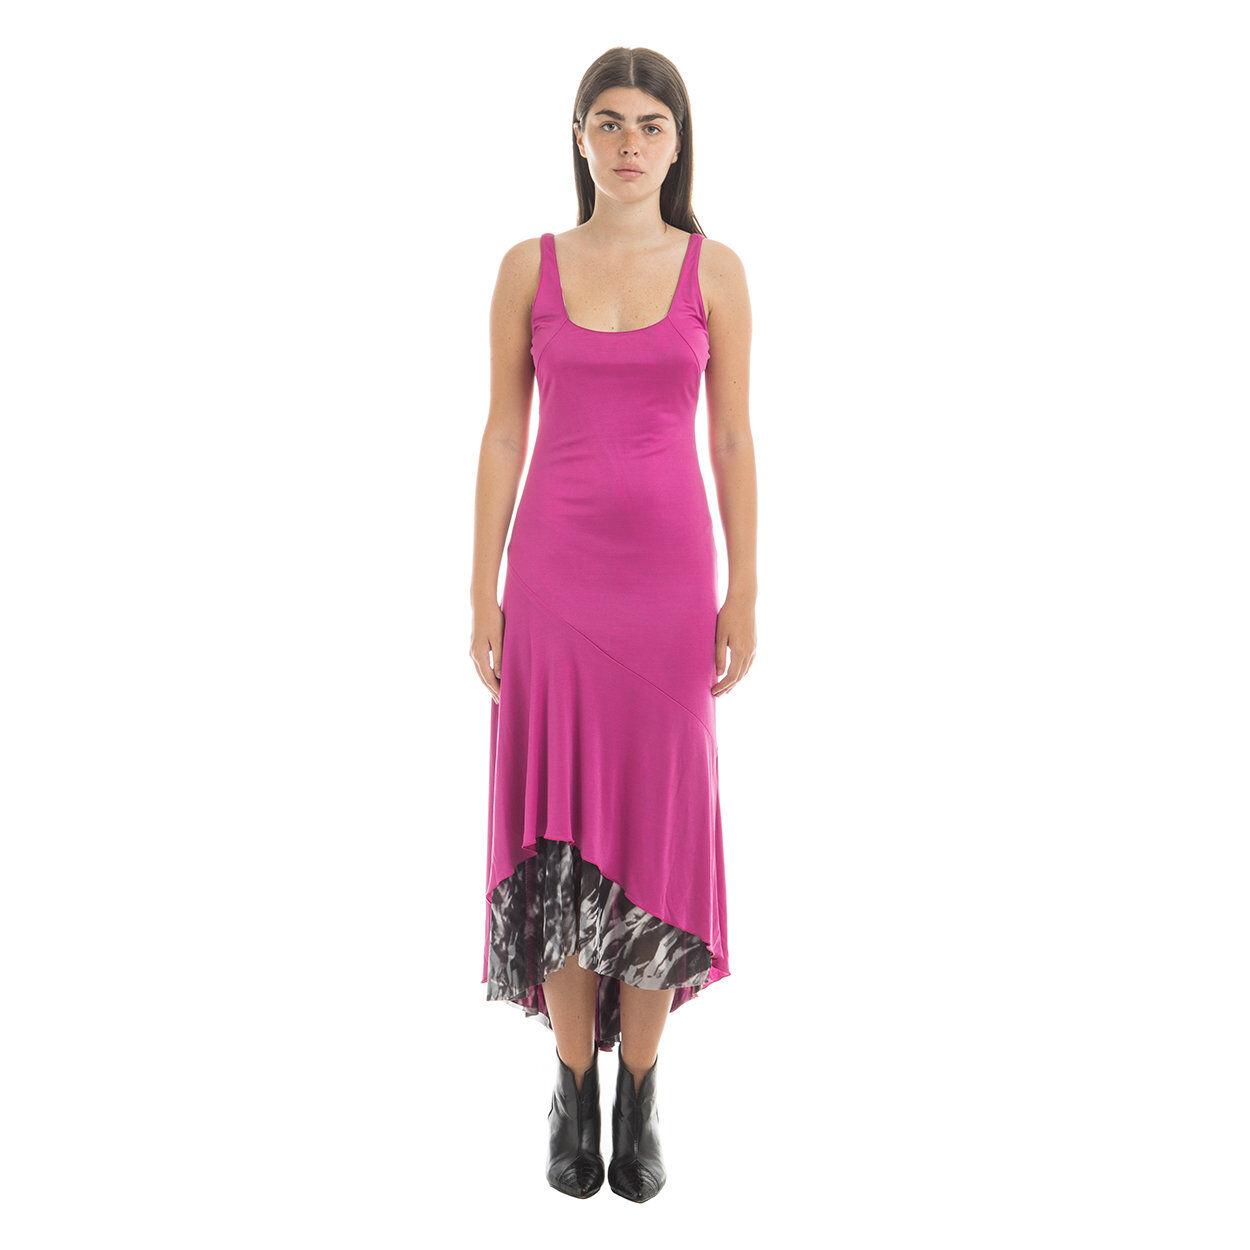 Patrizia Pepe Abito a canotta lungo con sottogonna lunga in colorazione a contrasto